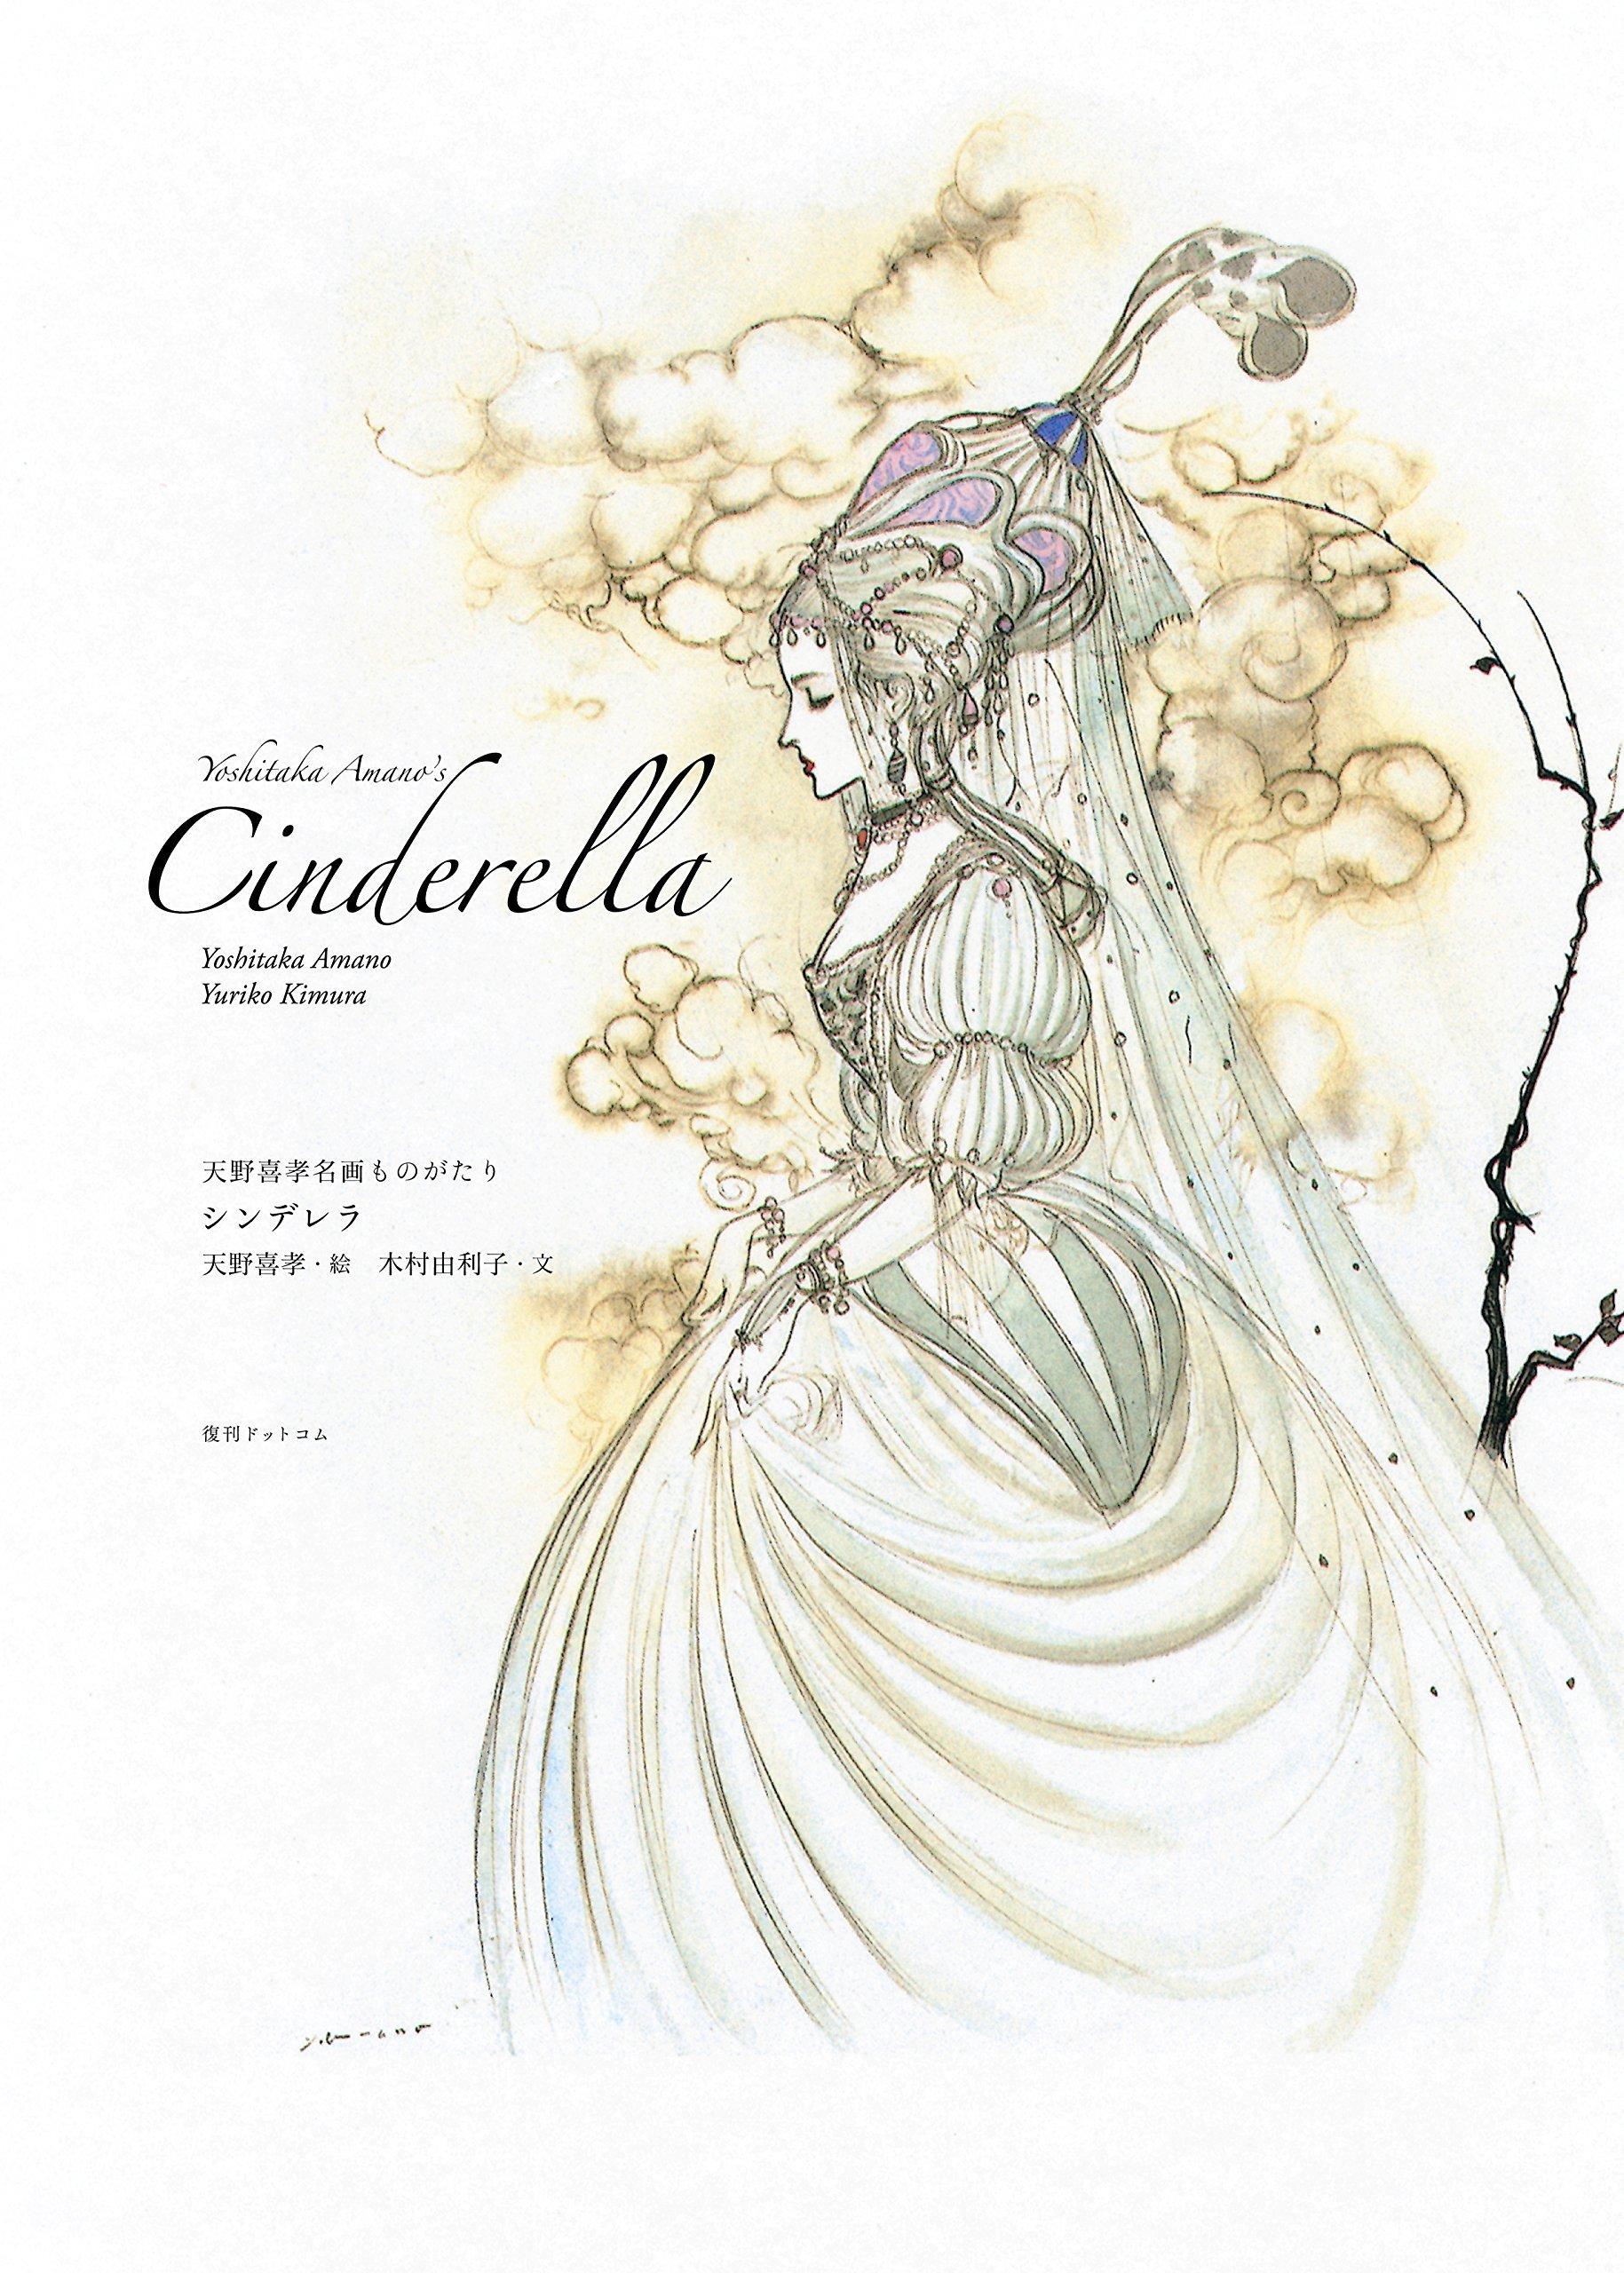 Yoshitaka Amano's Cinderella